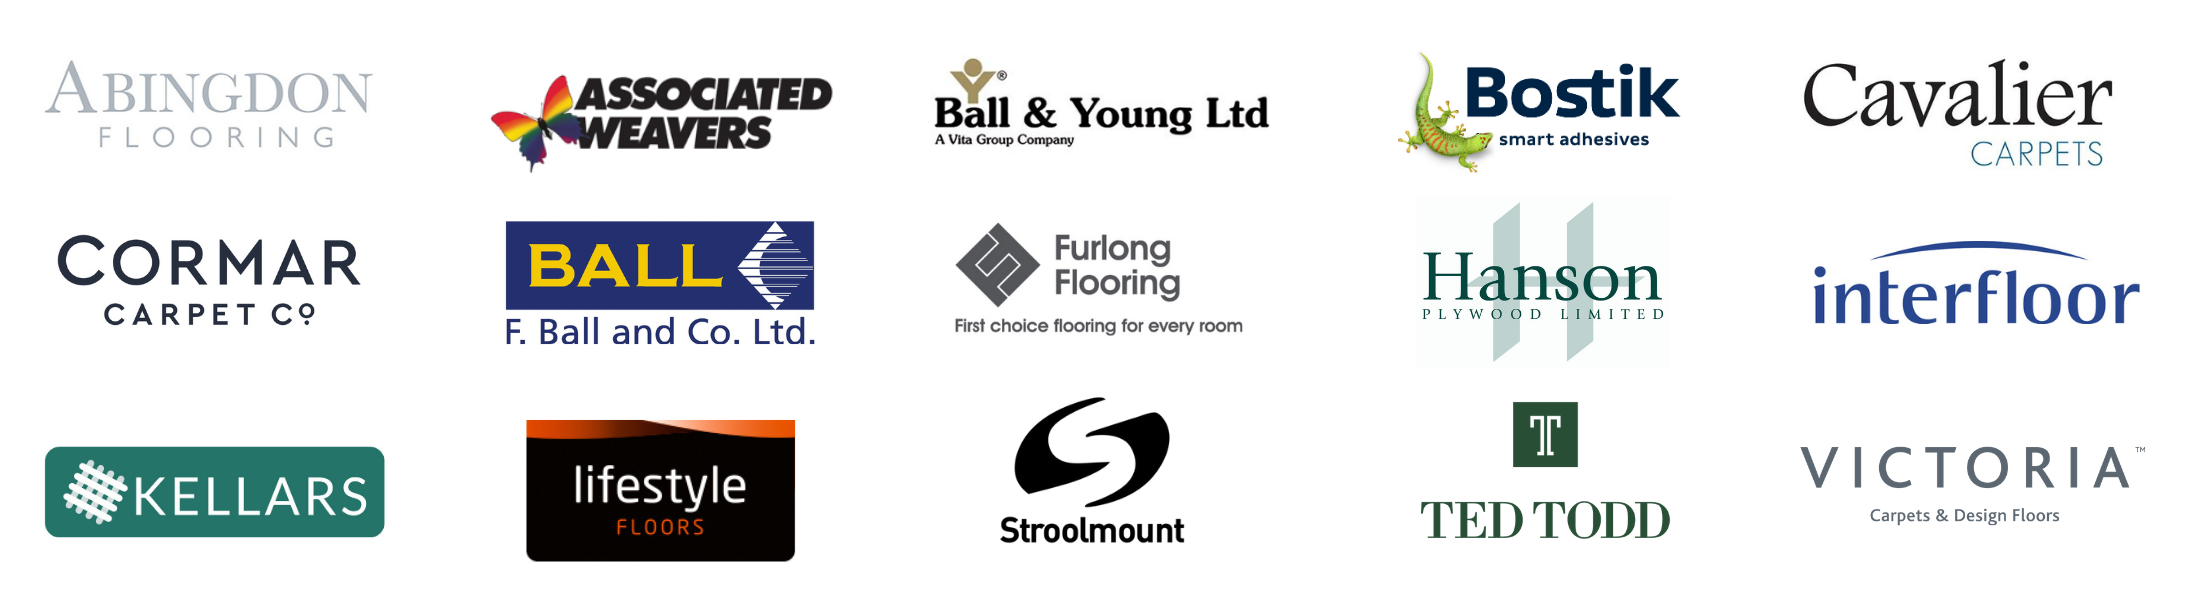 Supplier logos